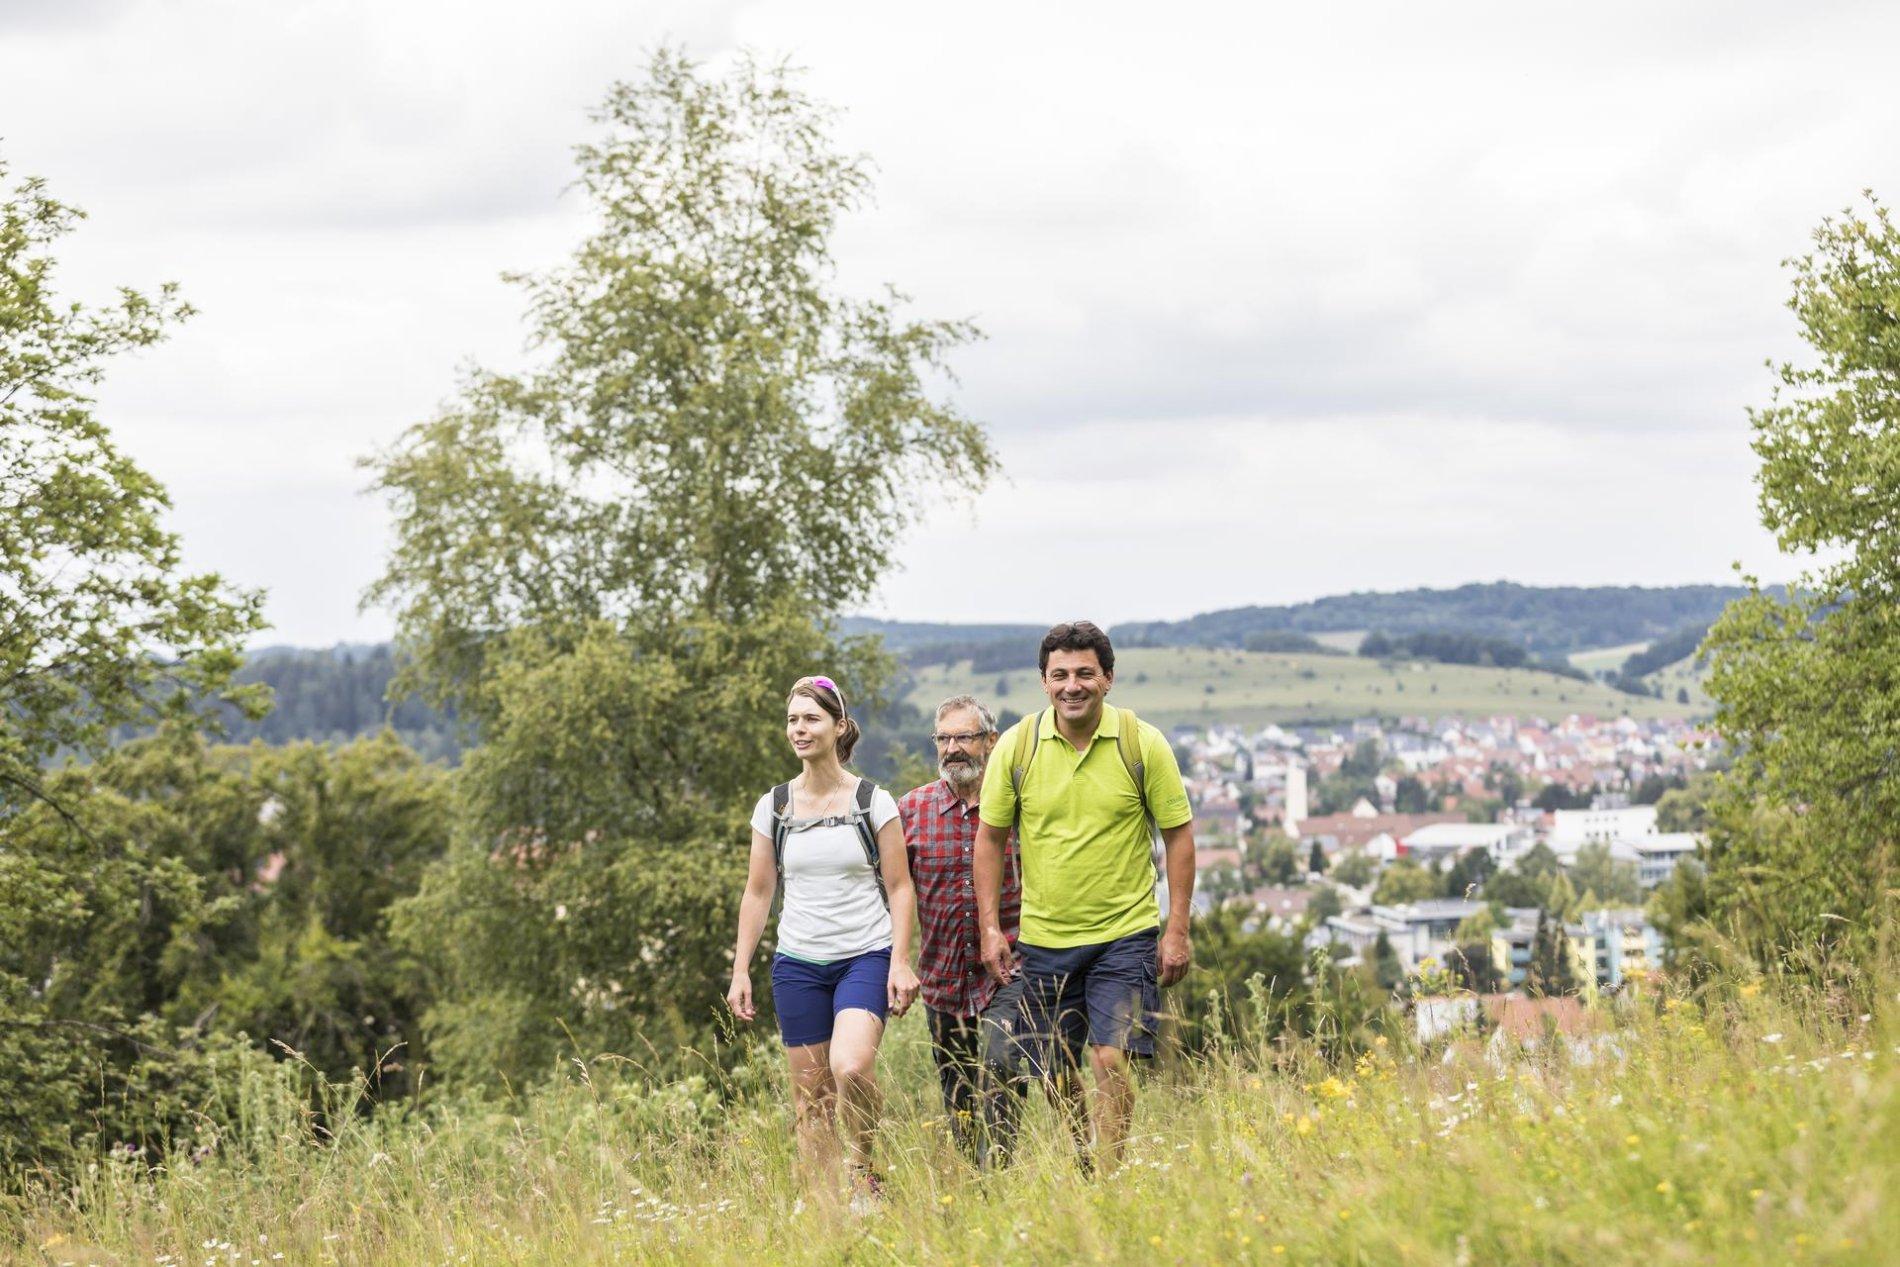 Drei Personen laufen durch das kniehohe Gras in dem dazwischen viele verschiedene Blumen blühen. Sie lächeln und tragen kurze sportliche Kleidung. Im Hintergrund ist verschwommen eine Stadt zu sehen.